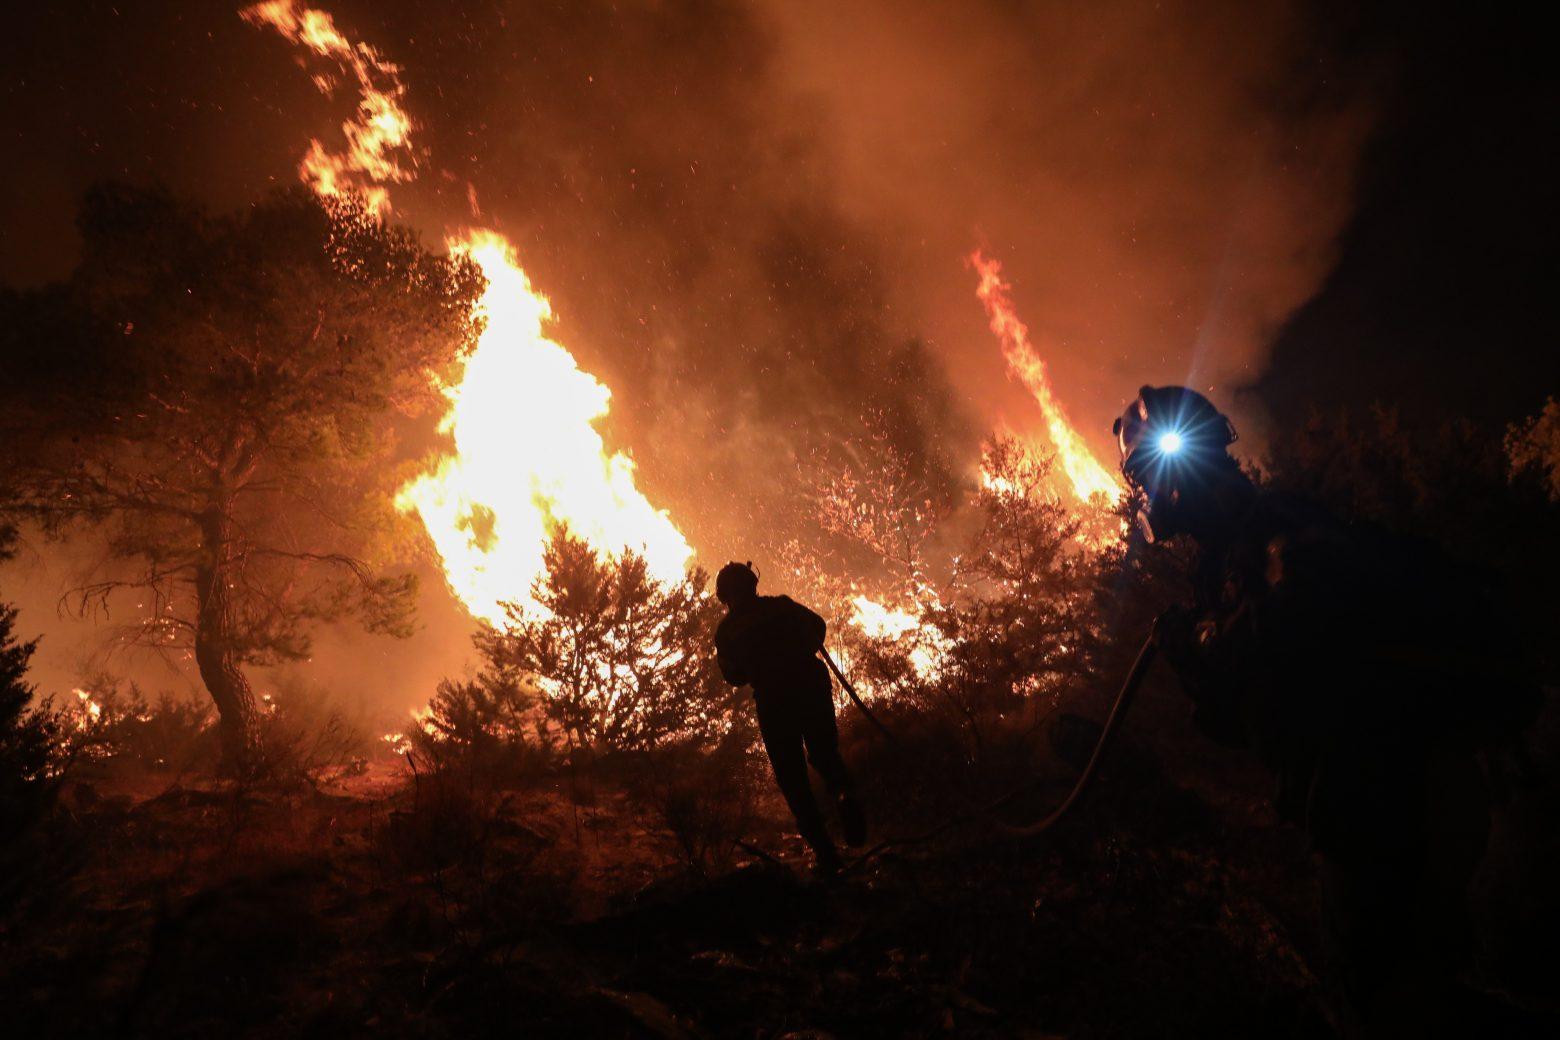 Φωτιά στη Νέα Μάκρη – Ζημιές σε σπίτια και υπόνοιες για εμπρησμό – Μια προσαγωγή